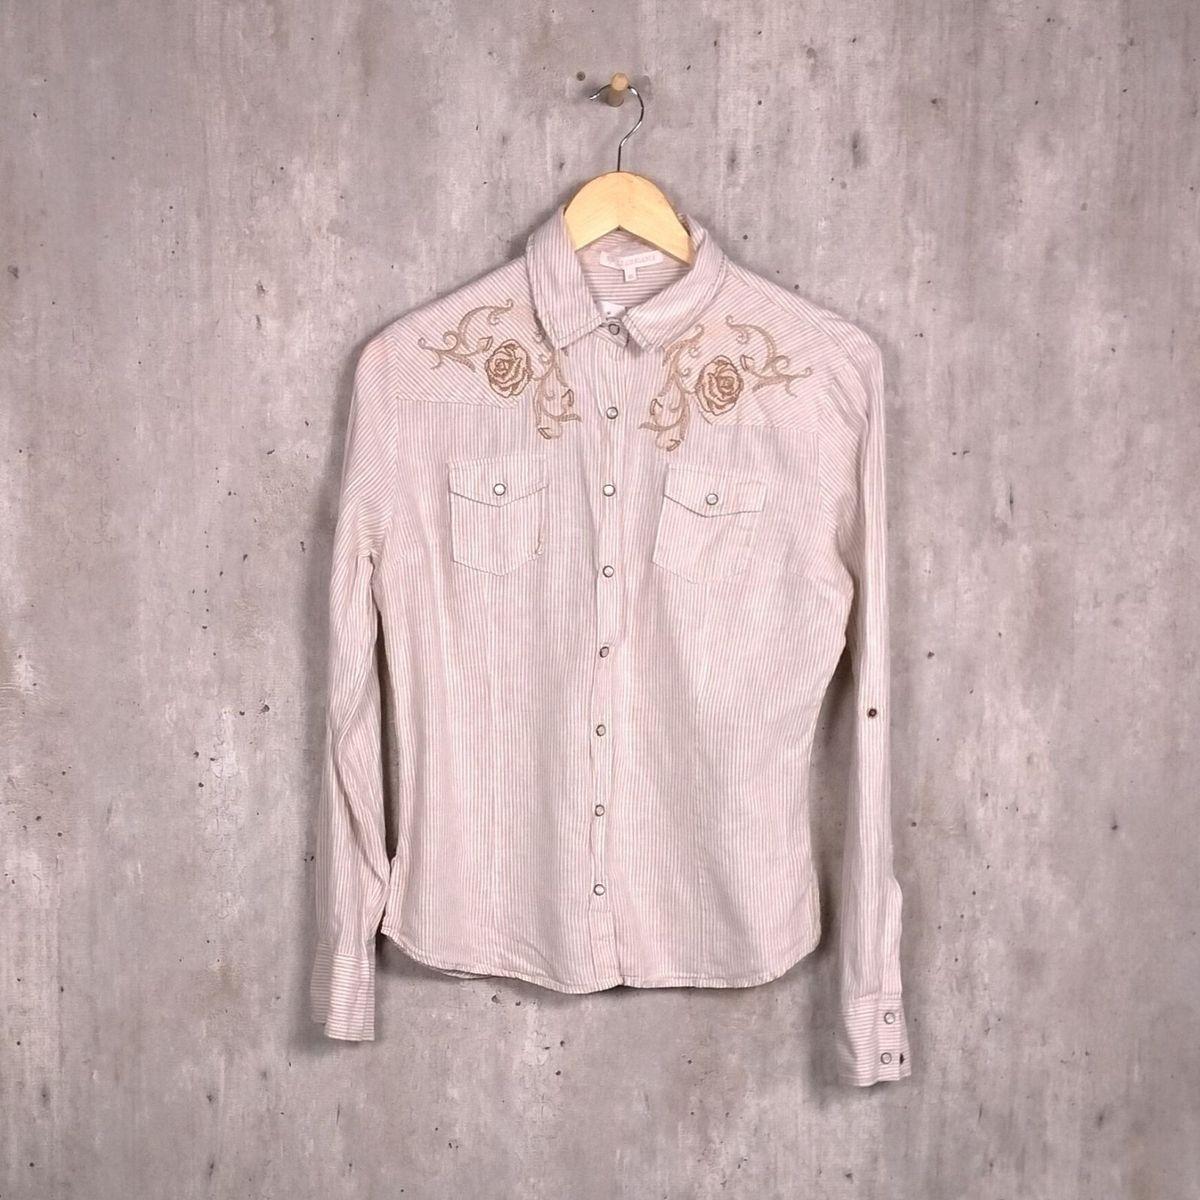 085988e97 Camisa Bege Listrada